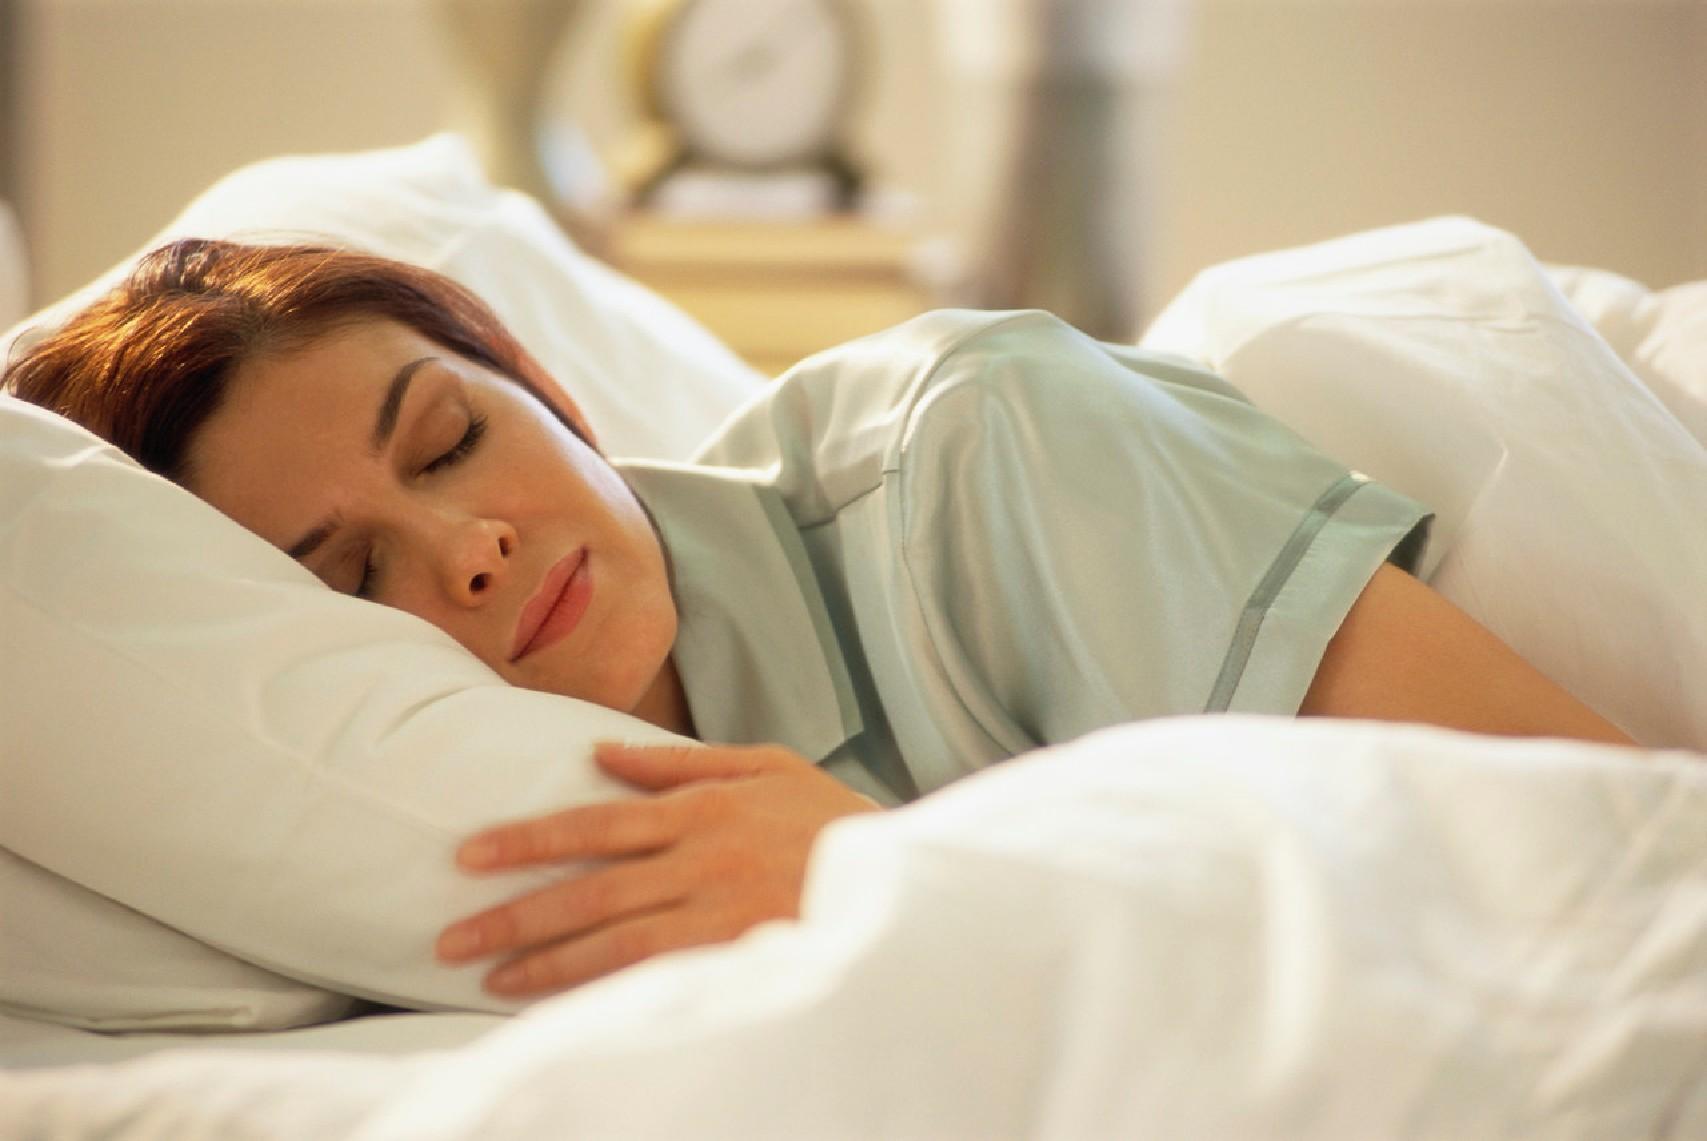 Técnicas de Relaxamento e Coisas Que Devemos Evitar para Dormirmos Melhor